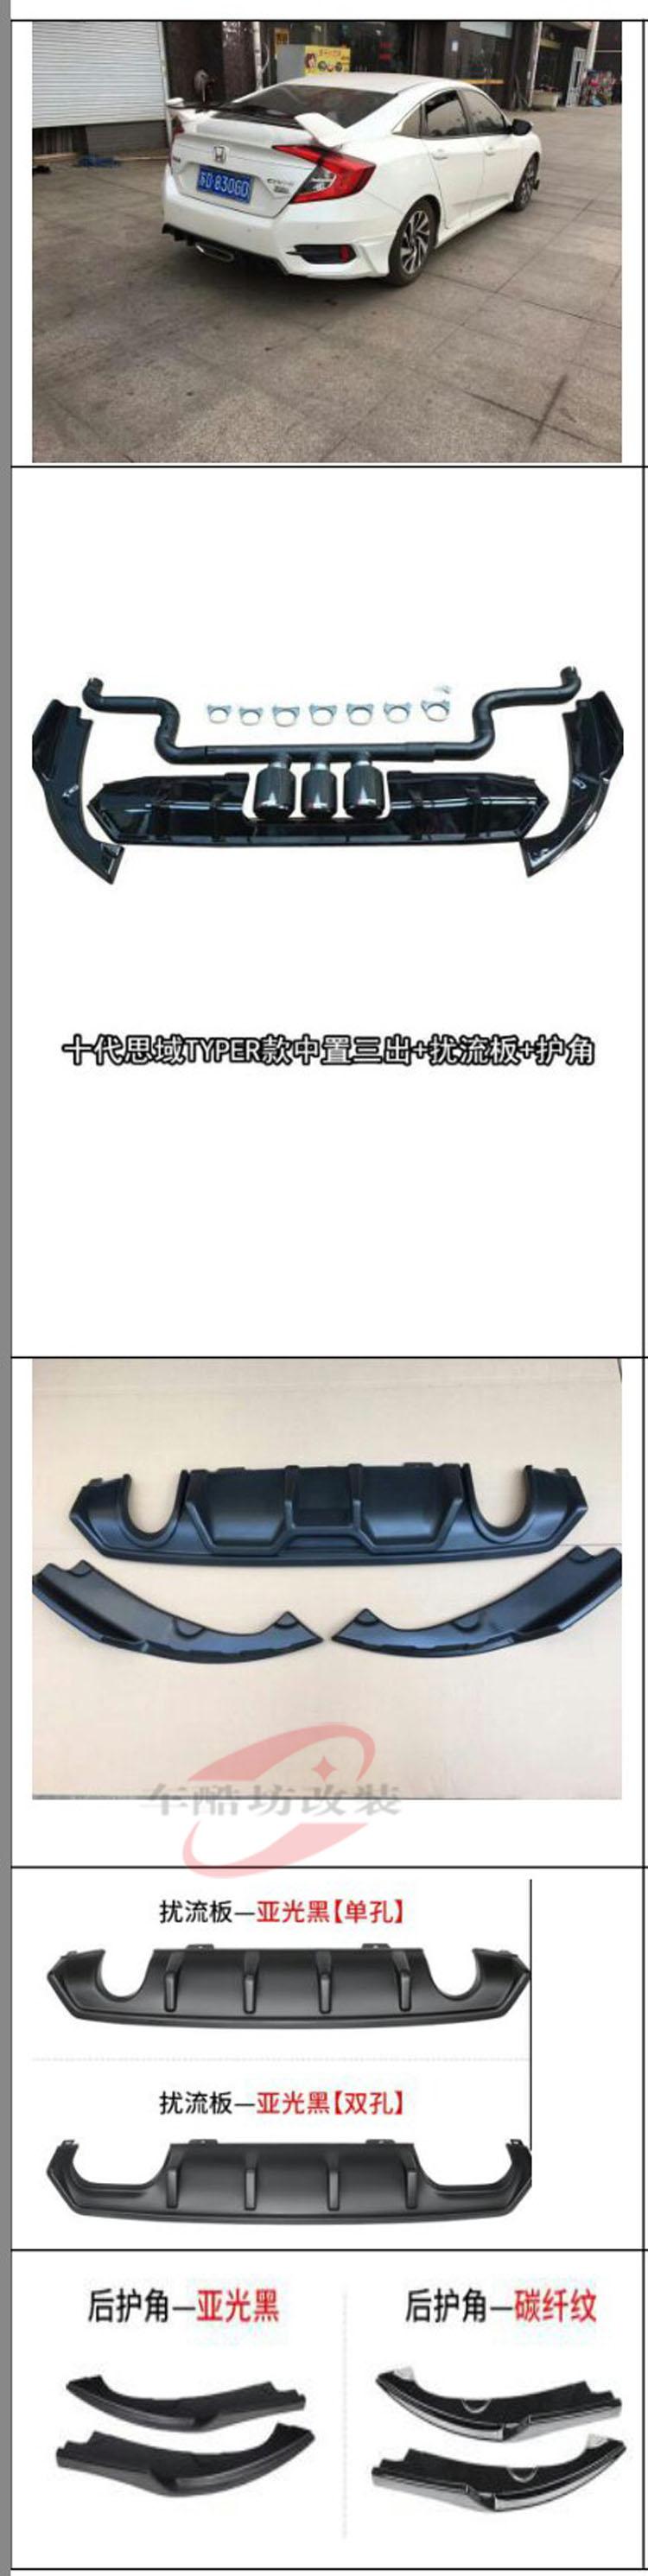 本田十代思域改装小包围 十代思域改装碳钎维前铲 侧铲 后唇套件